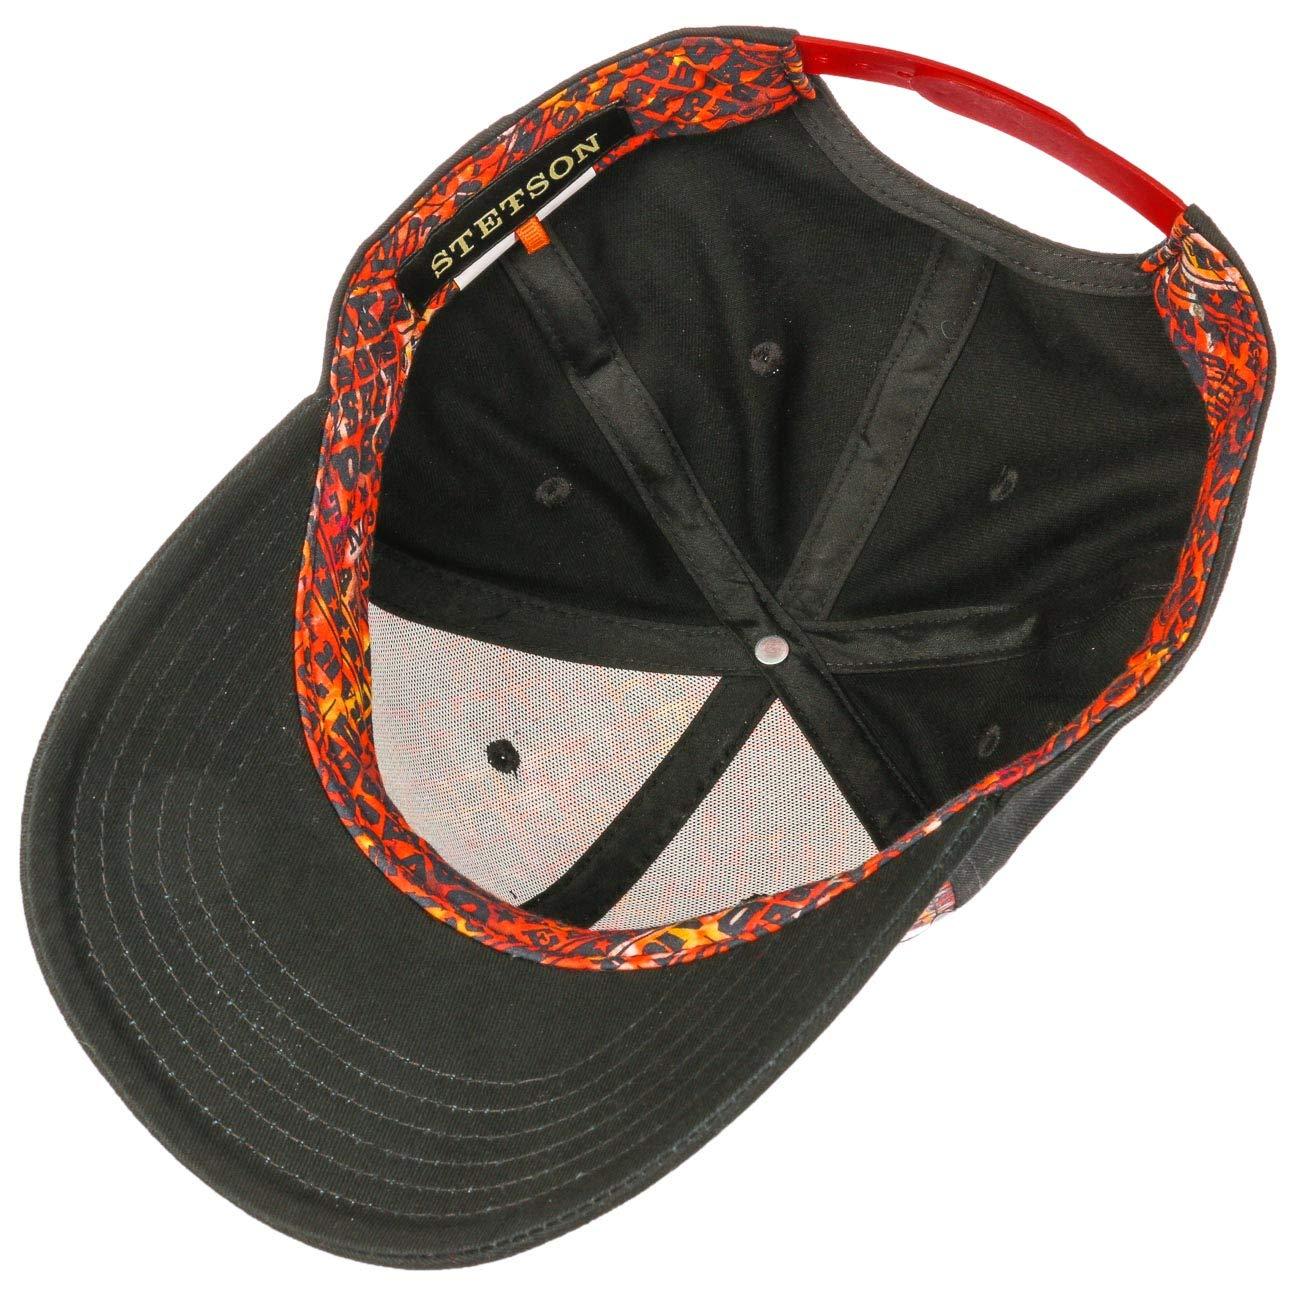 Stetson Gorra BBQ Hombre | de algodón Beisbol Curved Brim Cap Snapback, con Visera Primavera/Verano | Talla única Negro: Amazon.es: Ropa y accesorios